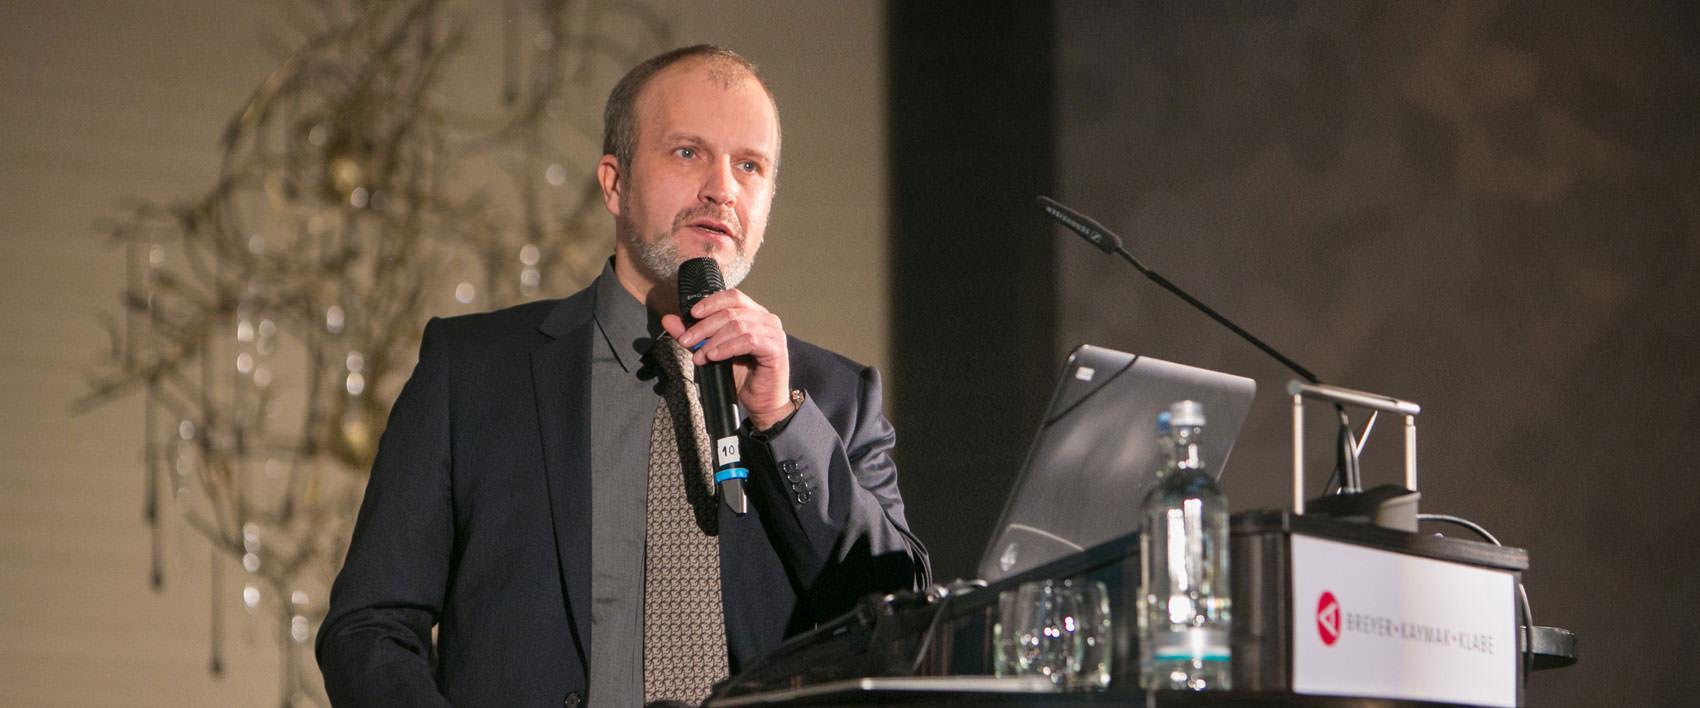 Dr. Klabe bei einem Vortrag.